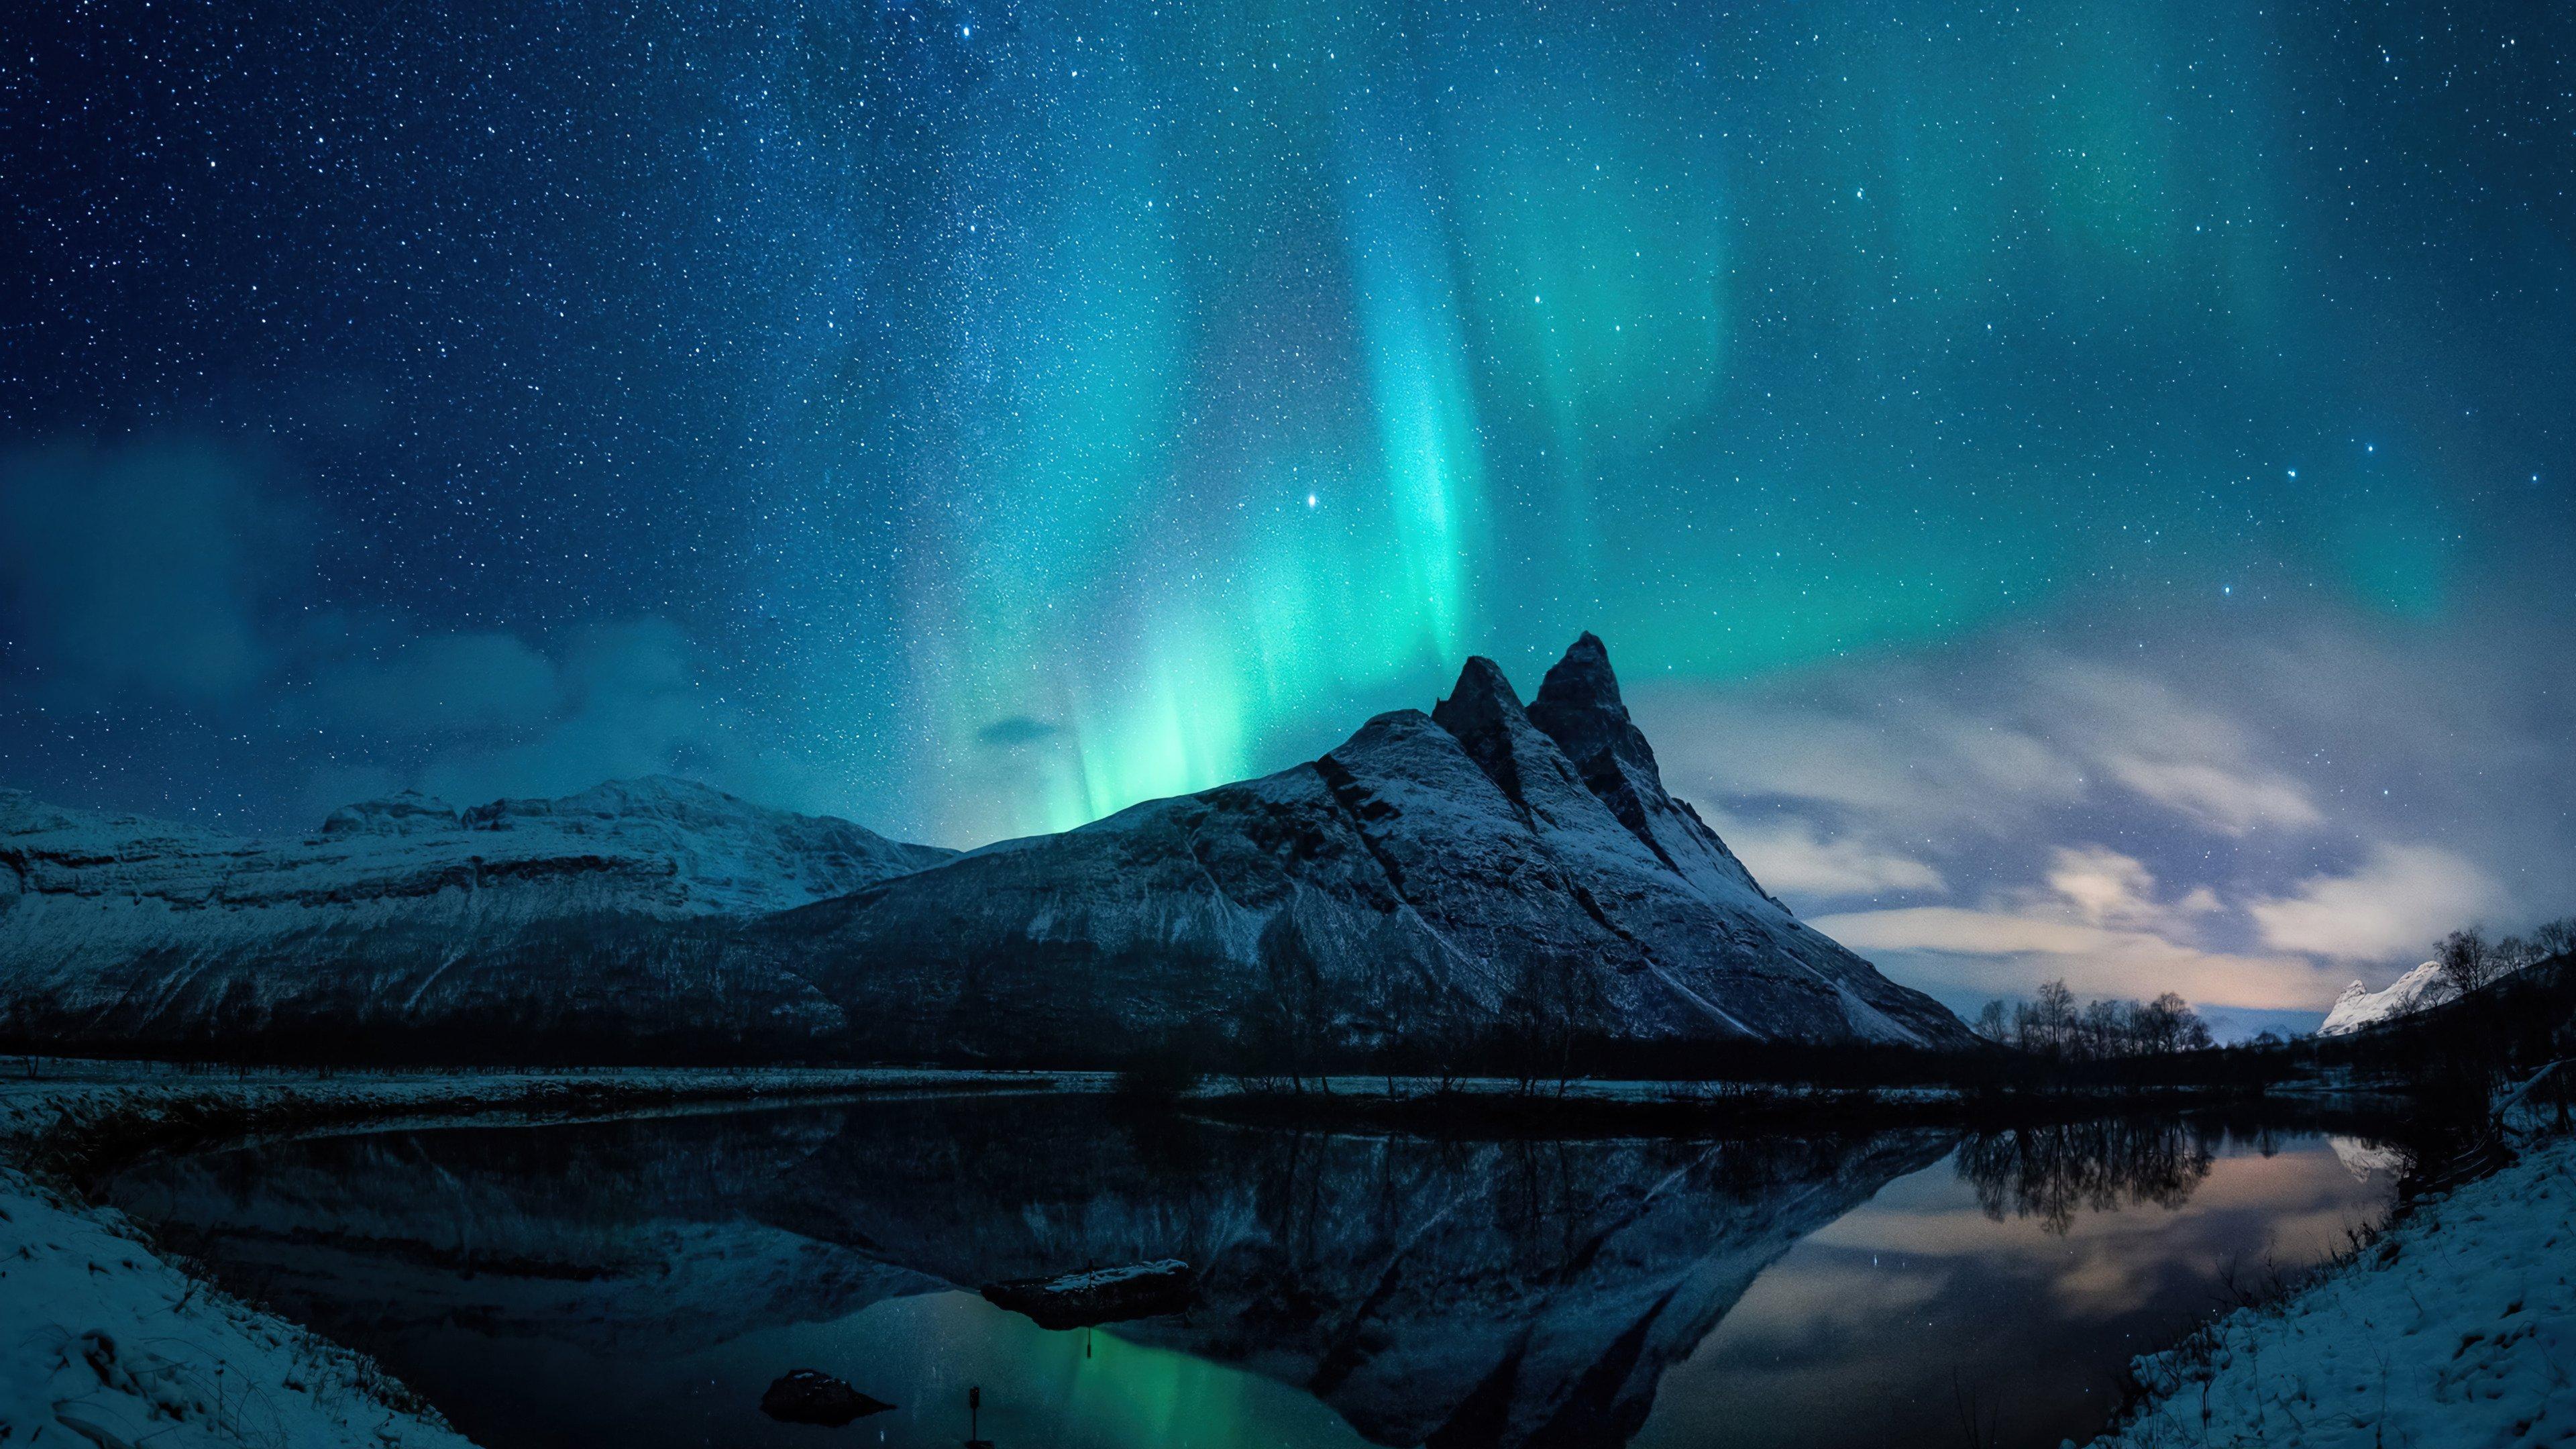 Wallpaper Aurora Borealis in the mountains